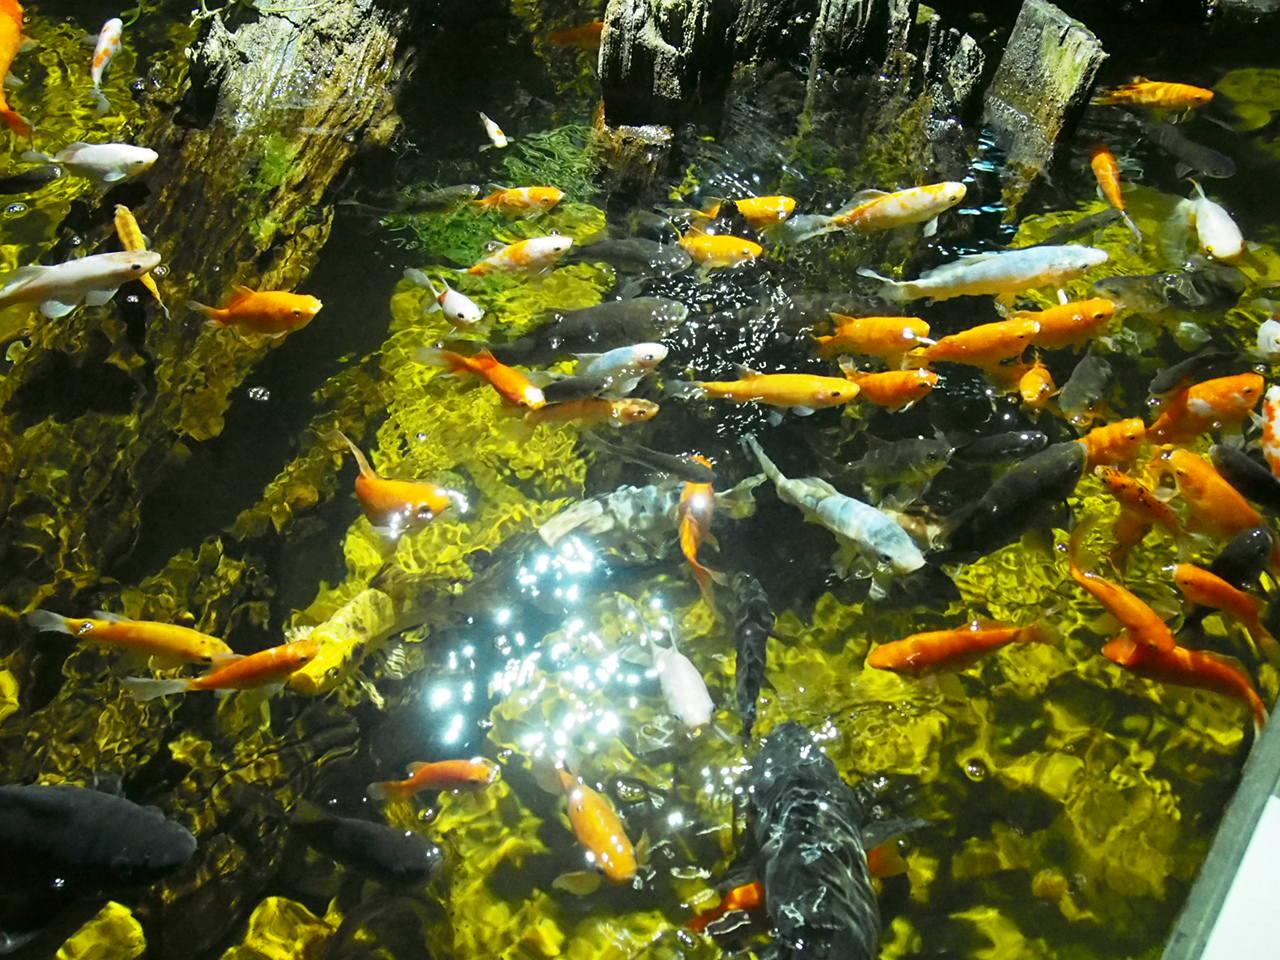 Karmienie rybek w akwarium